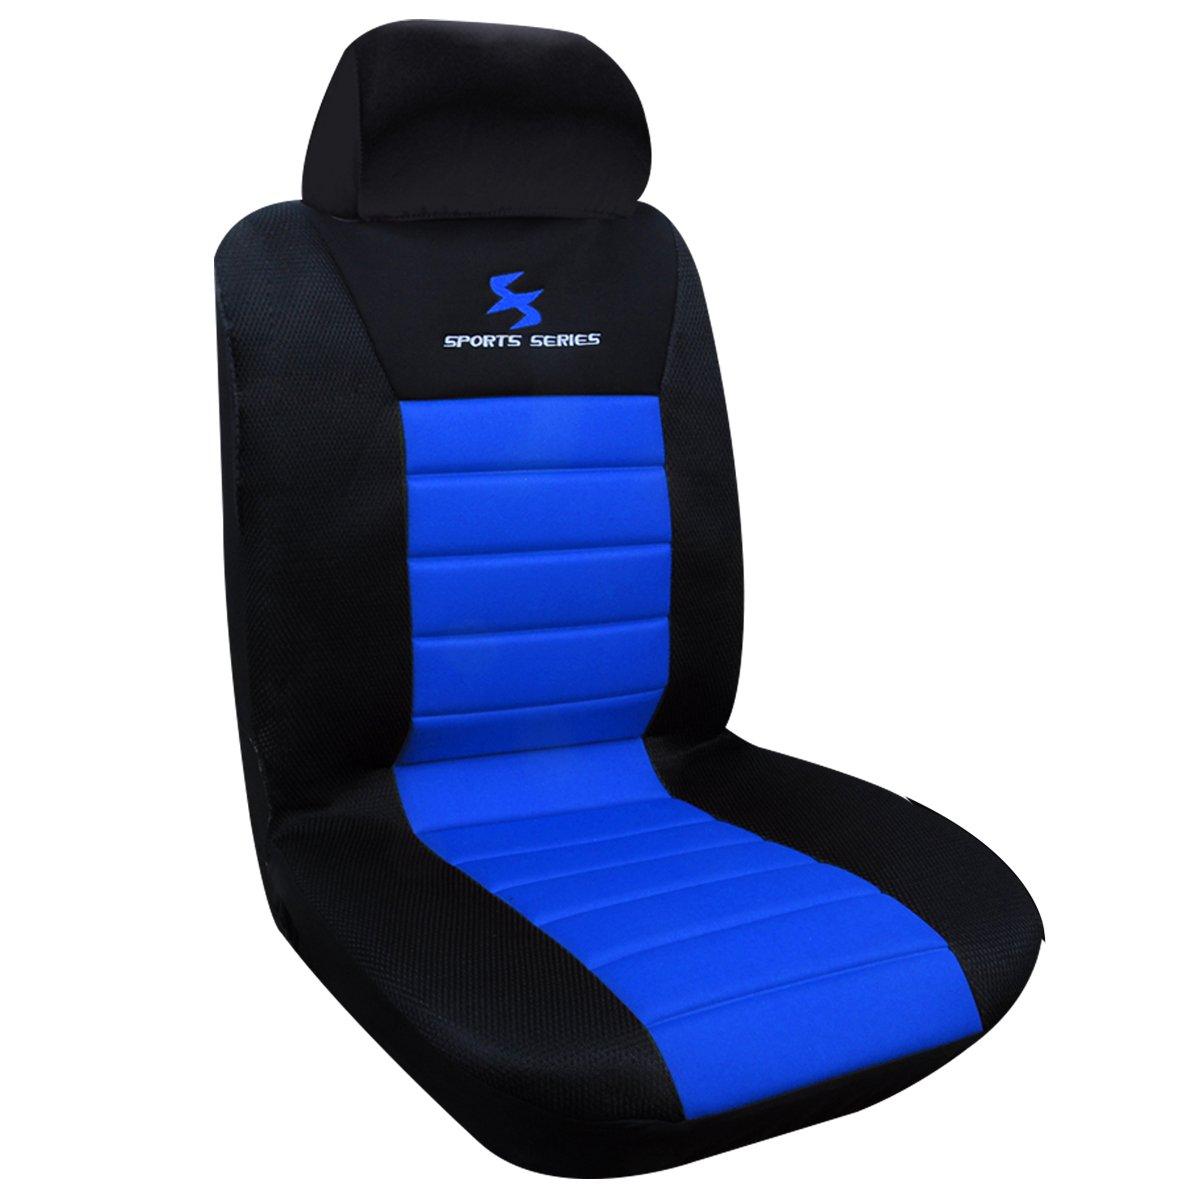 WOLTU AS7256 1er Einzelbezug vordere Sitzbezug fü r Autositz ohne Seitenairbag